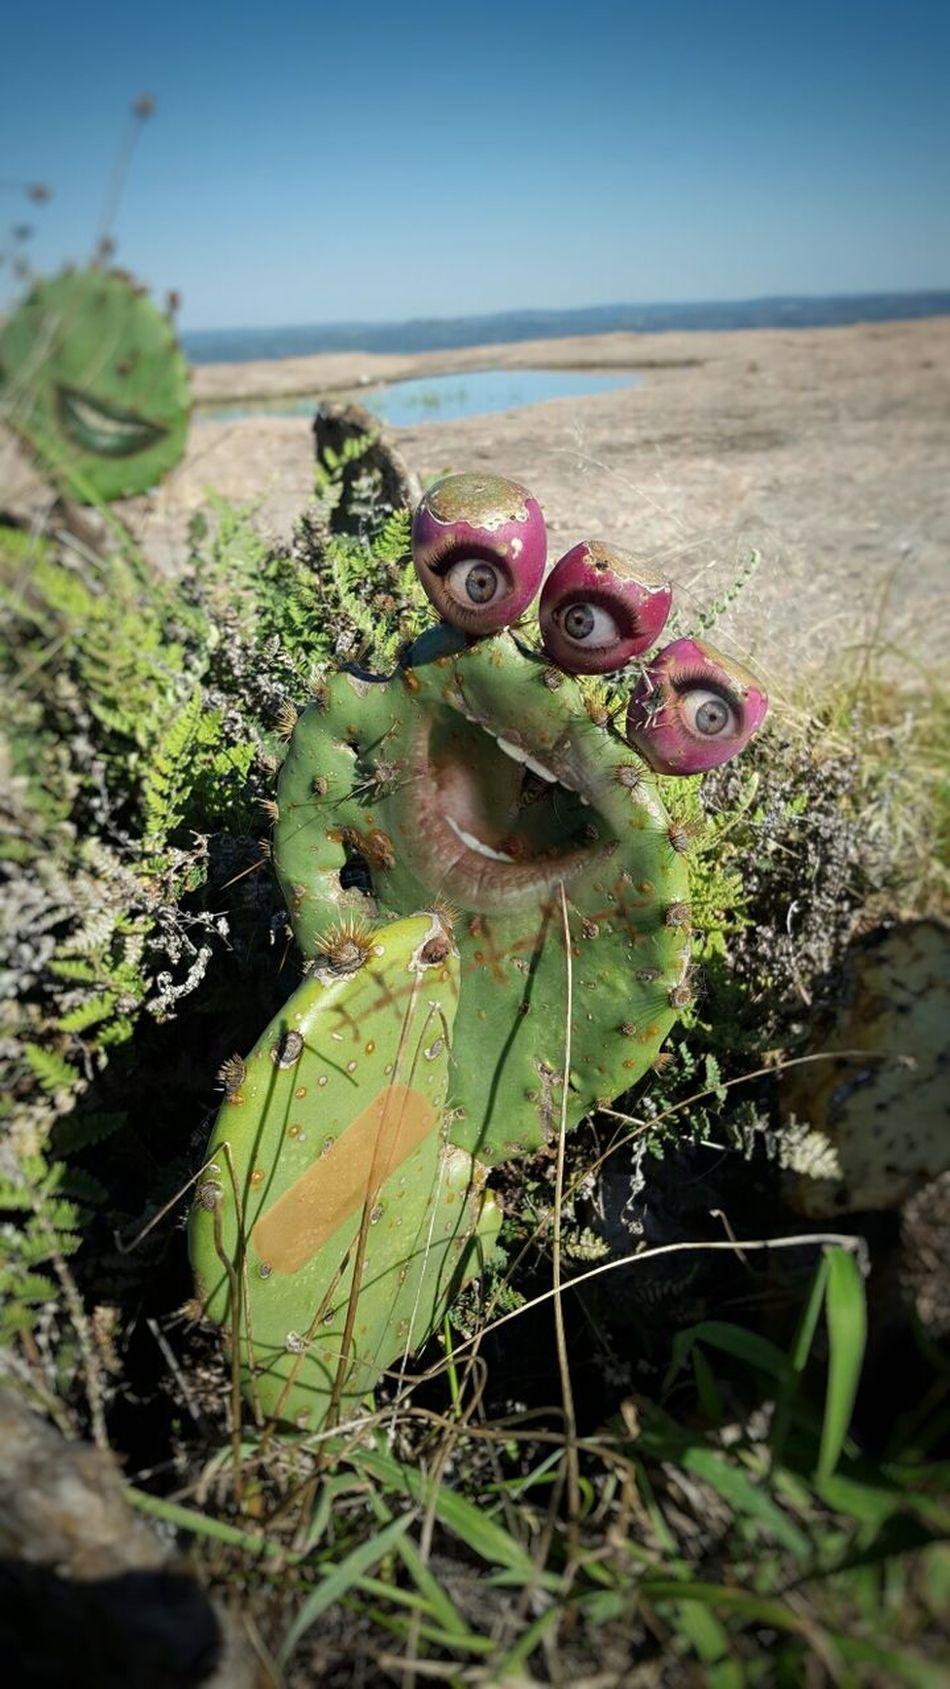 Outdoors Nature Close-up Weirdart Weirdface Weird Art Strange Cactus Surrealist Art Mysterious Weird Noirphoto Strange Things